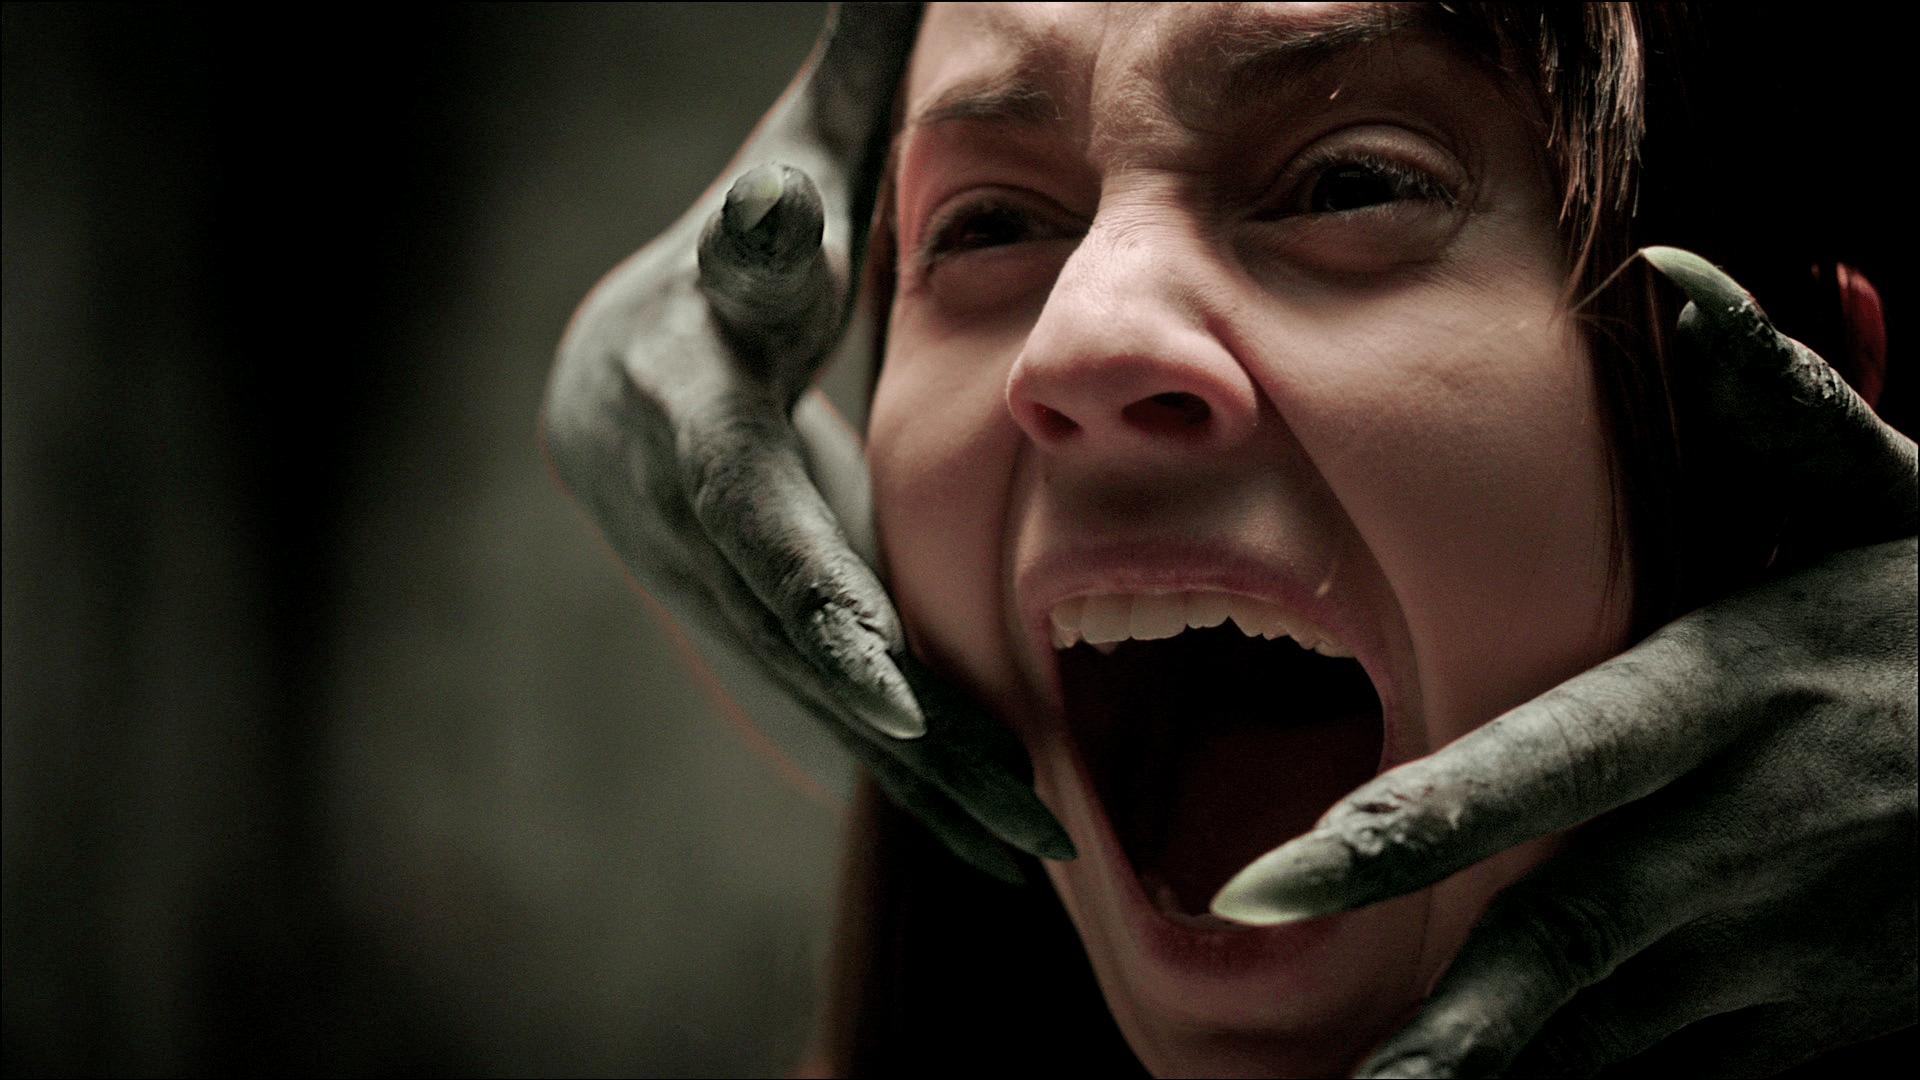 Evangeline [Review] - Modern Horrors